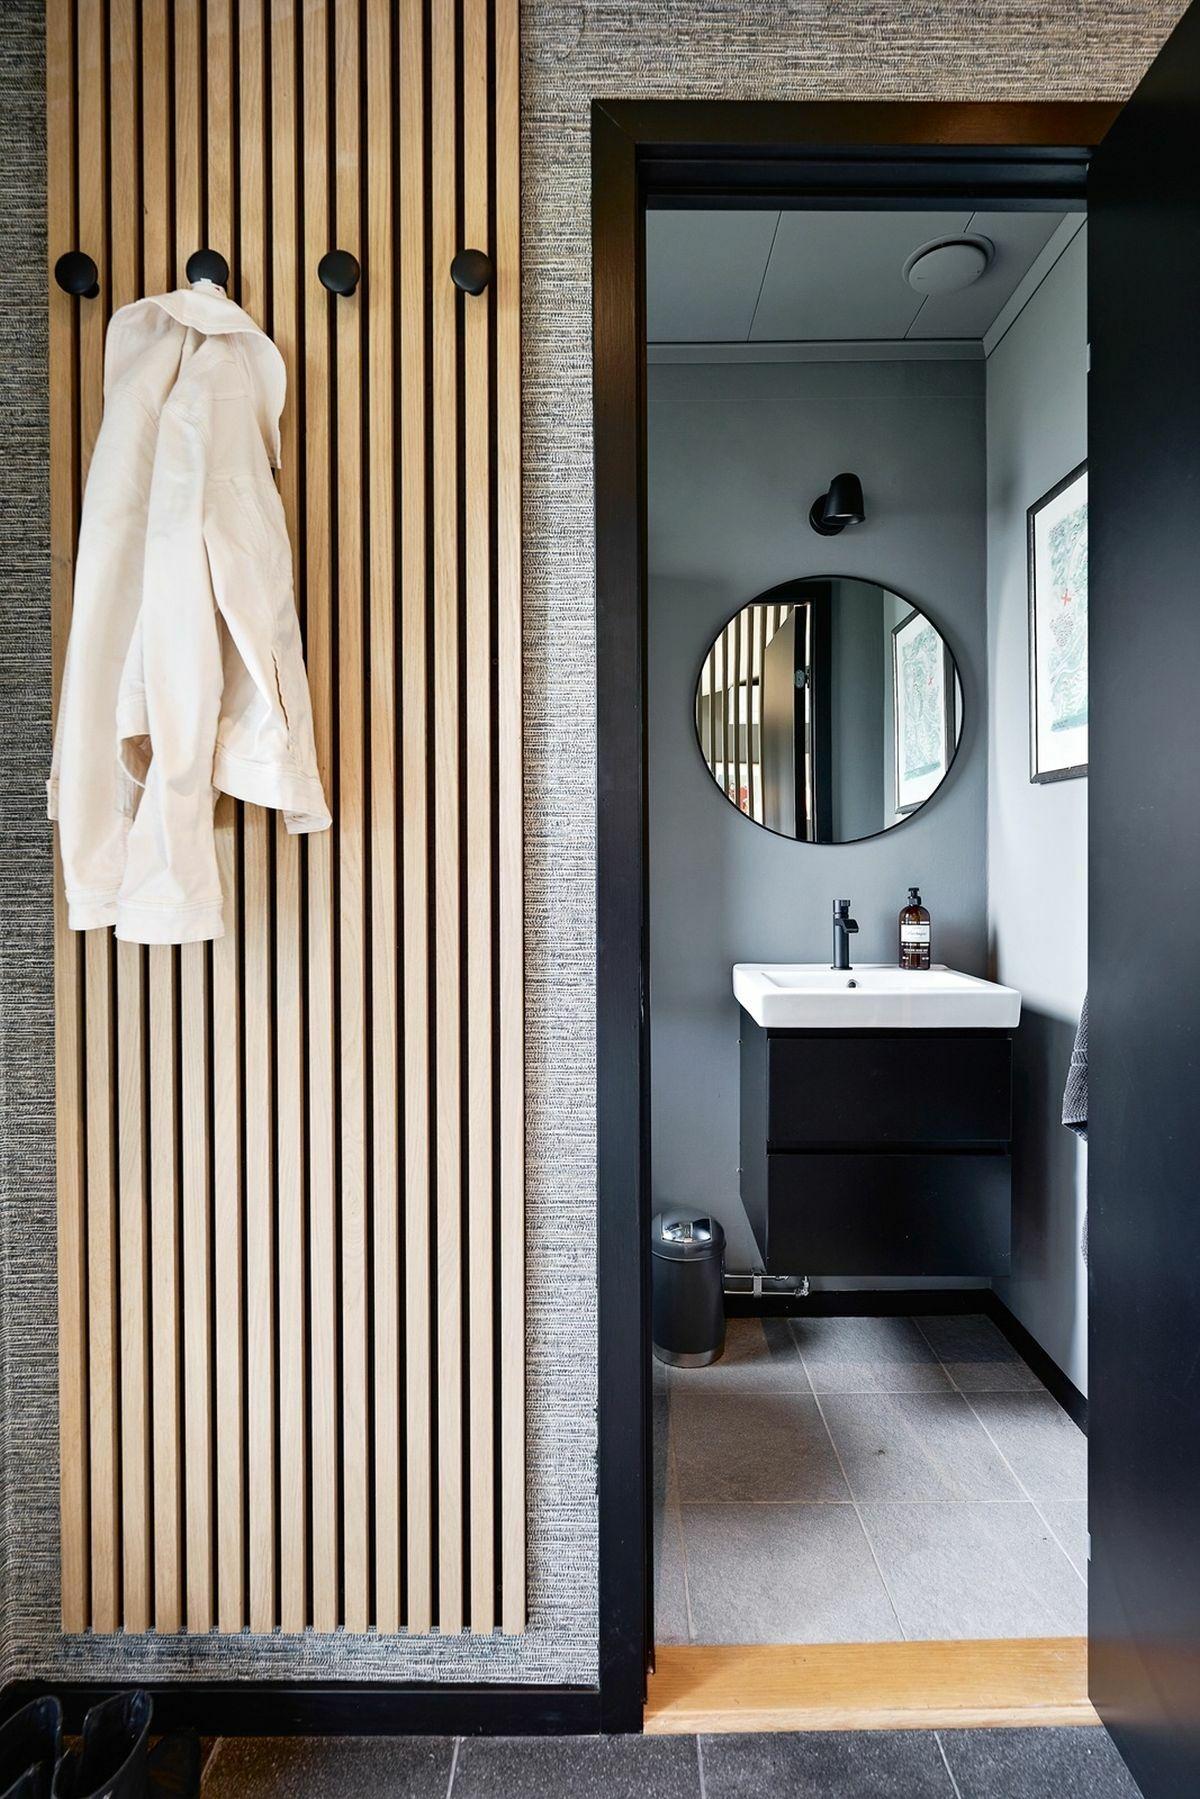 Kézmosós wc, ami az előszobából nyílik